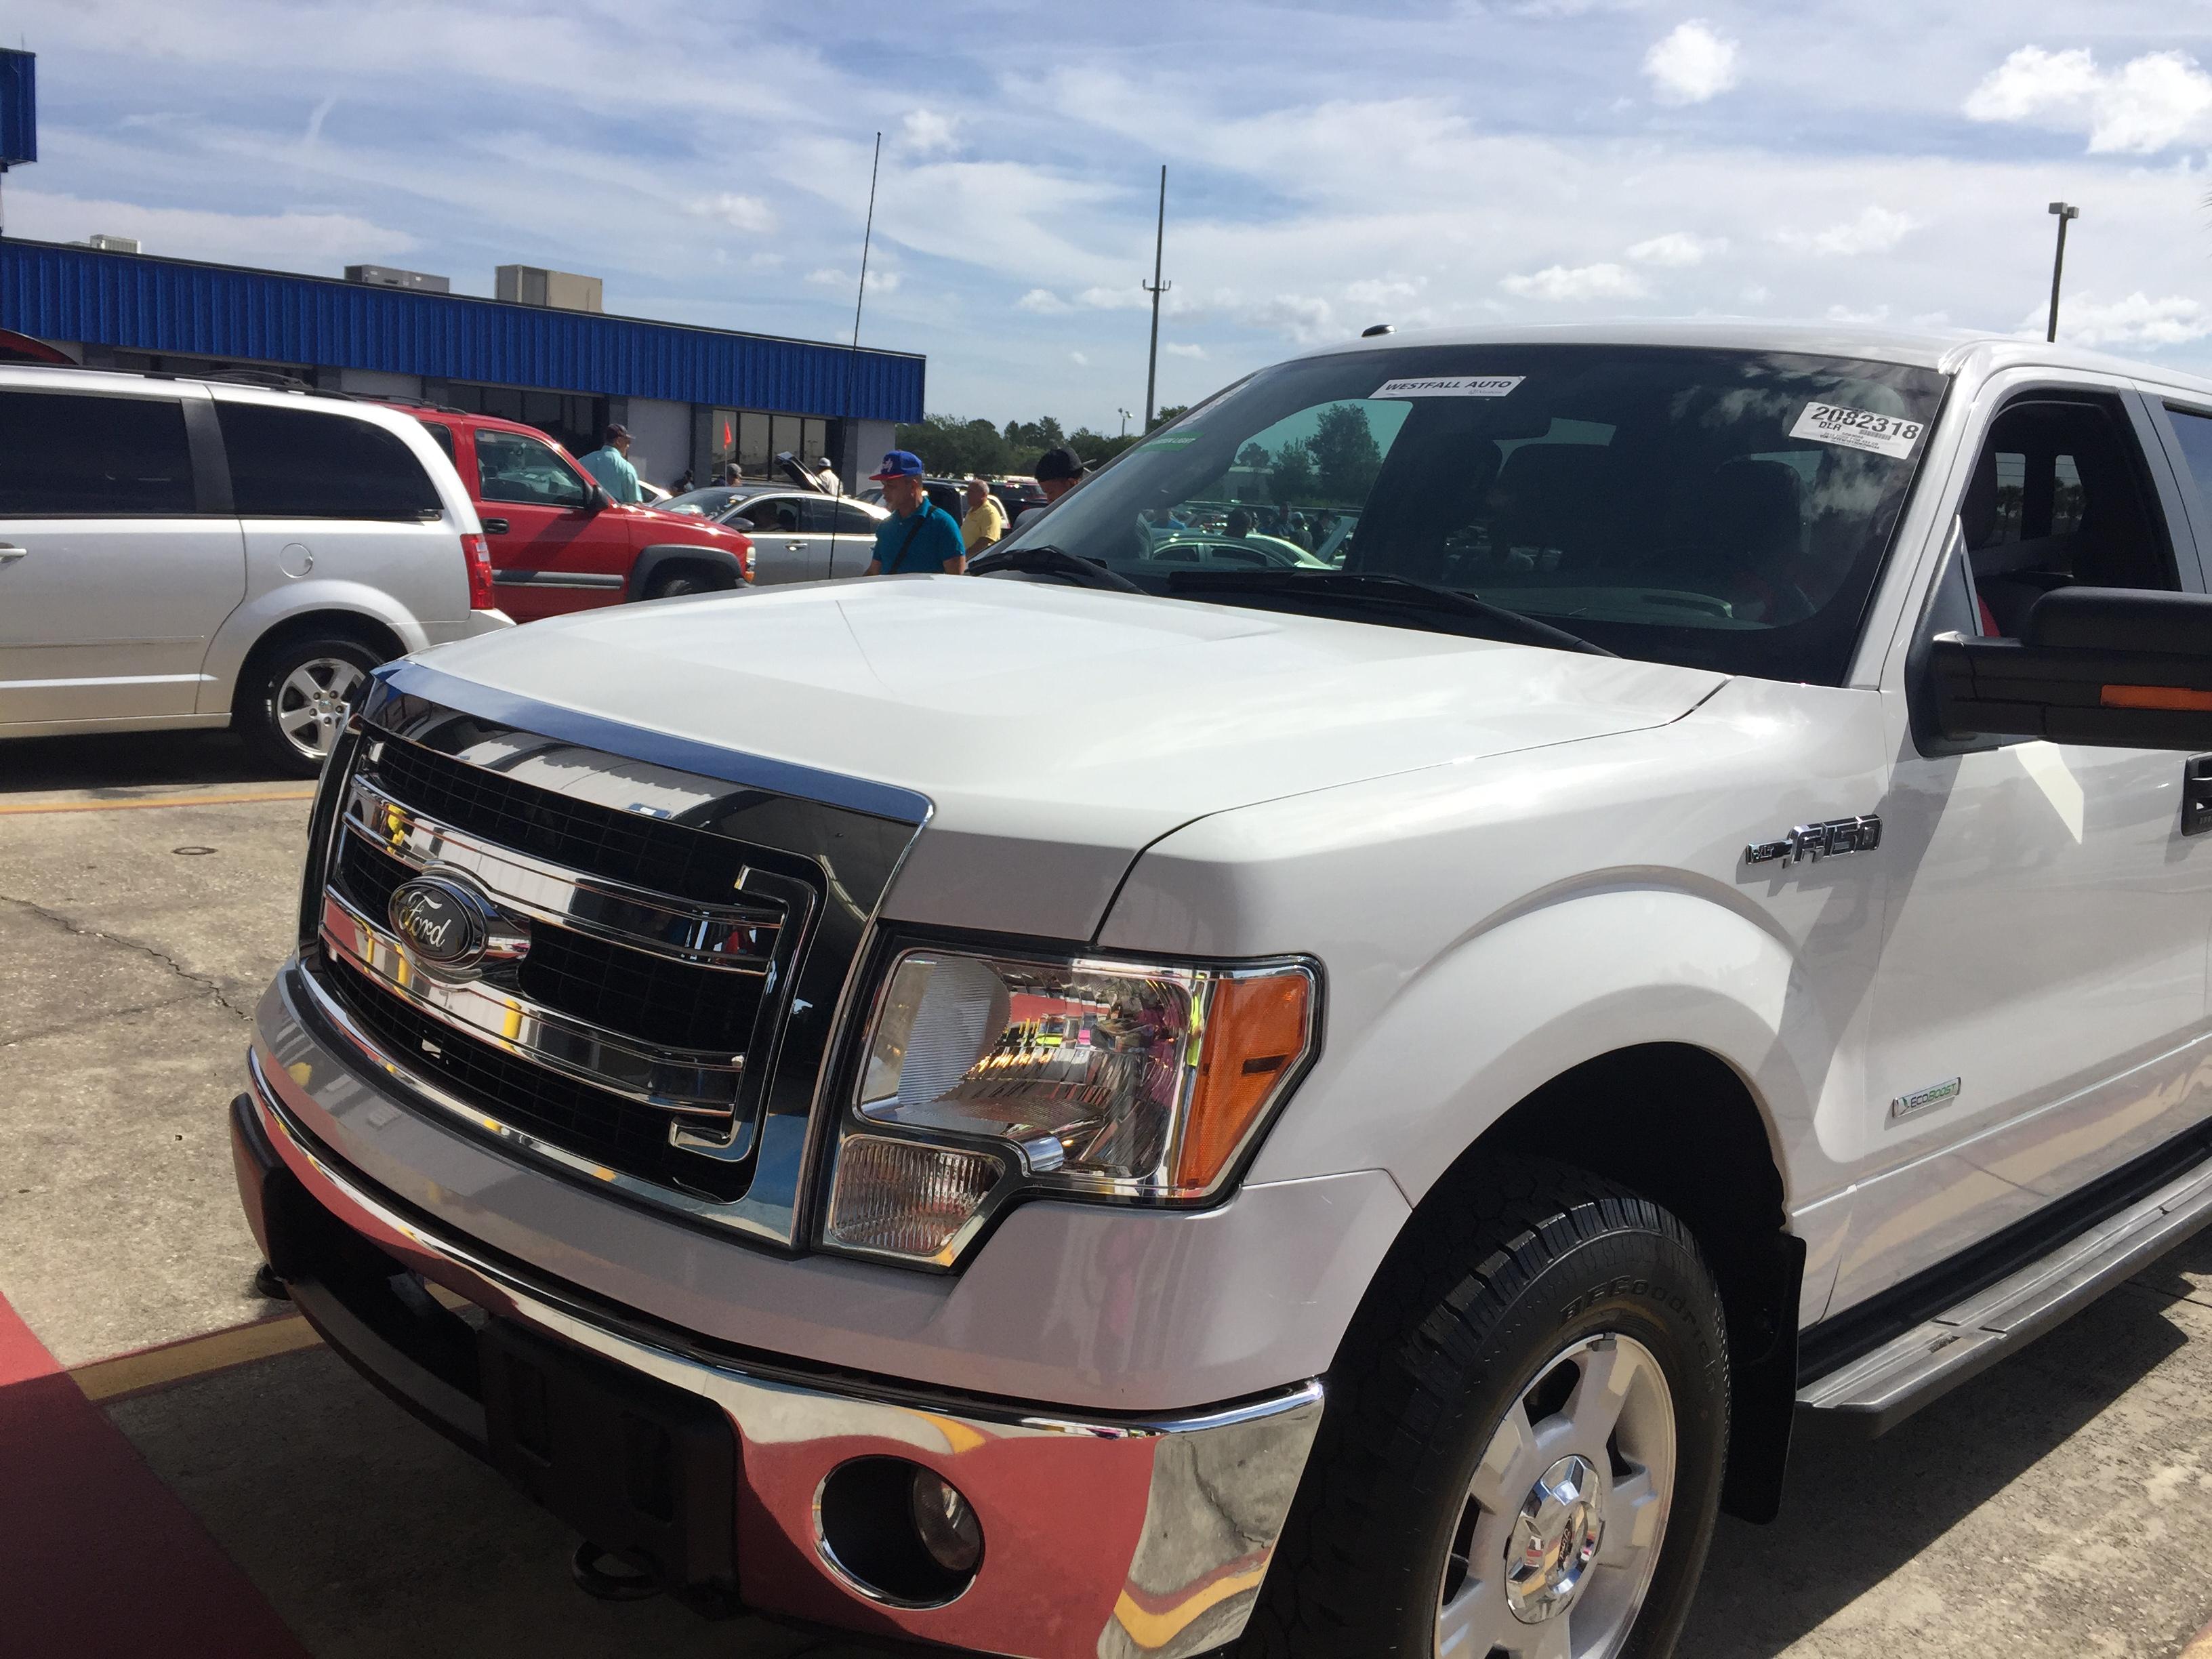 Auto City Car Sales In Orlando Fl 32837